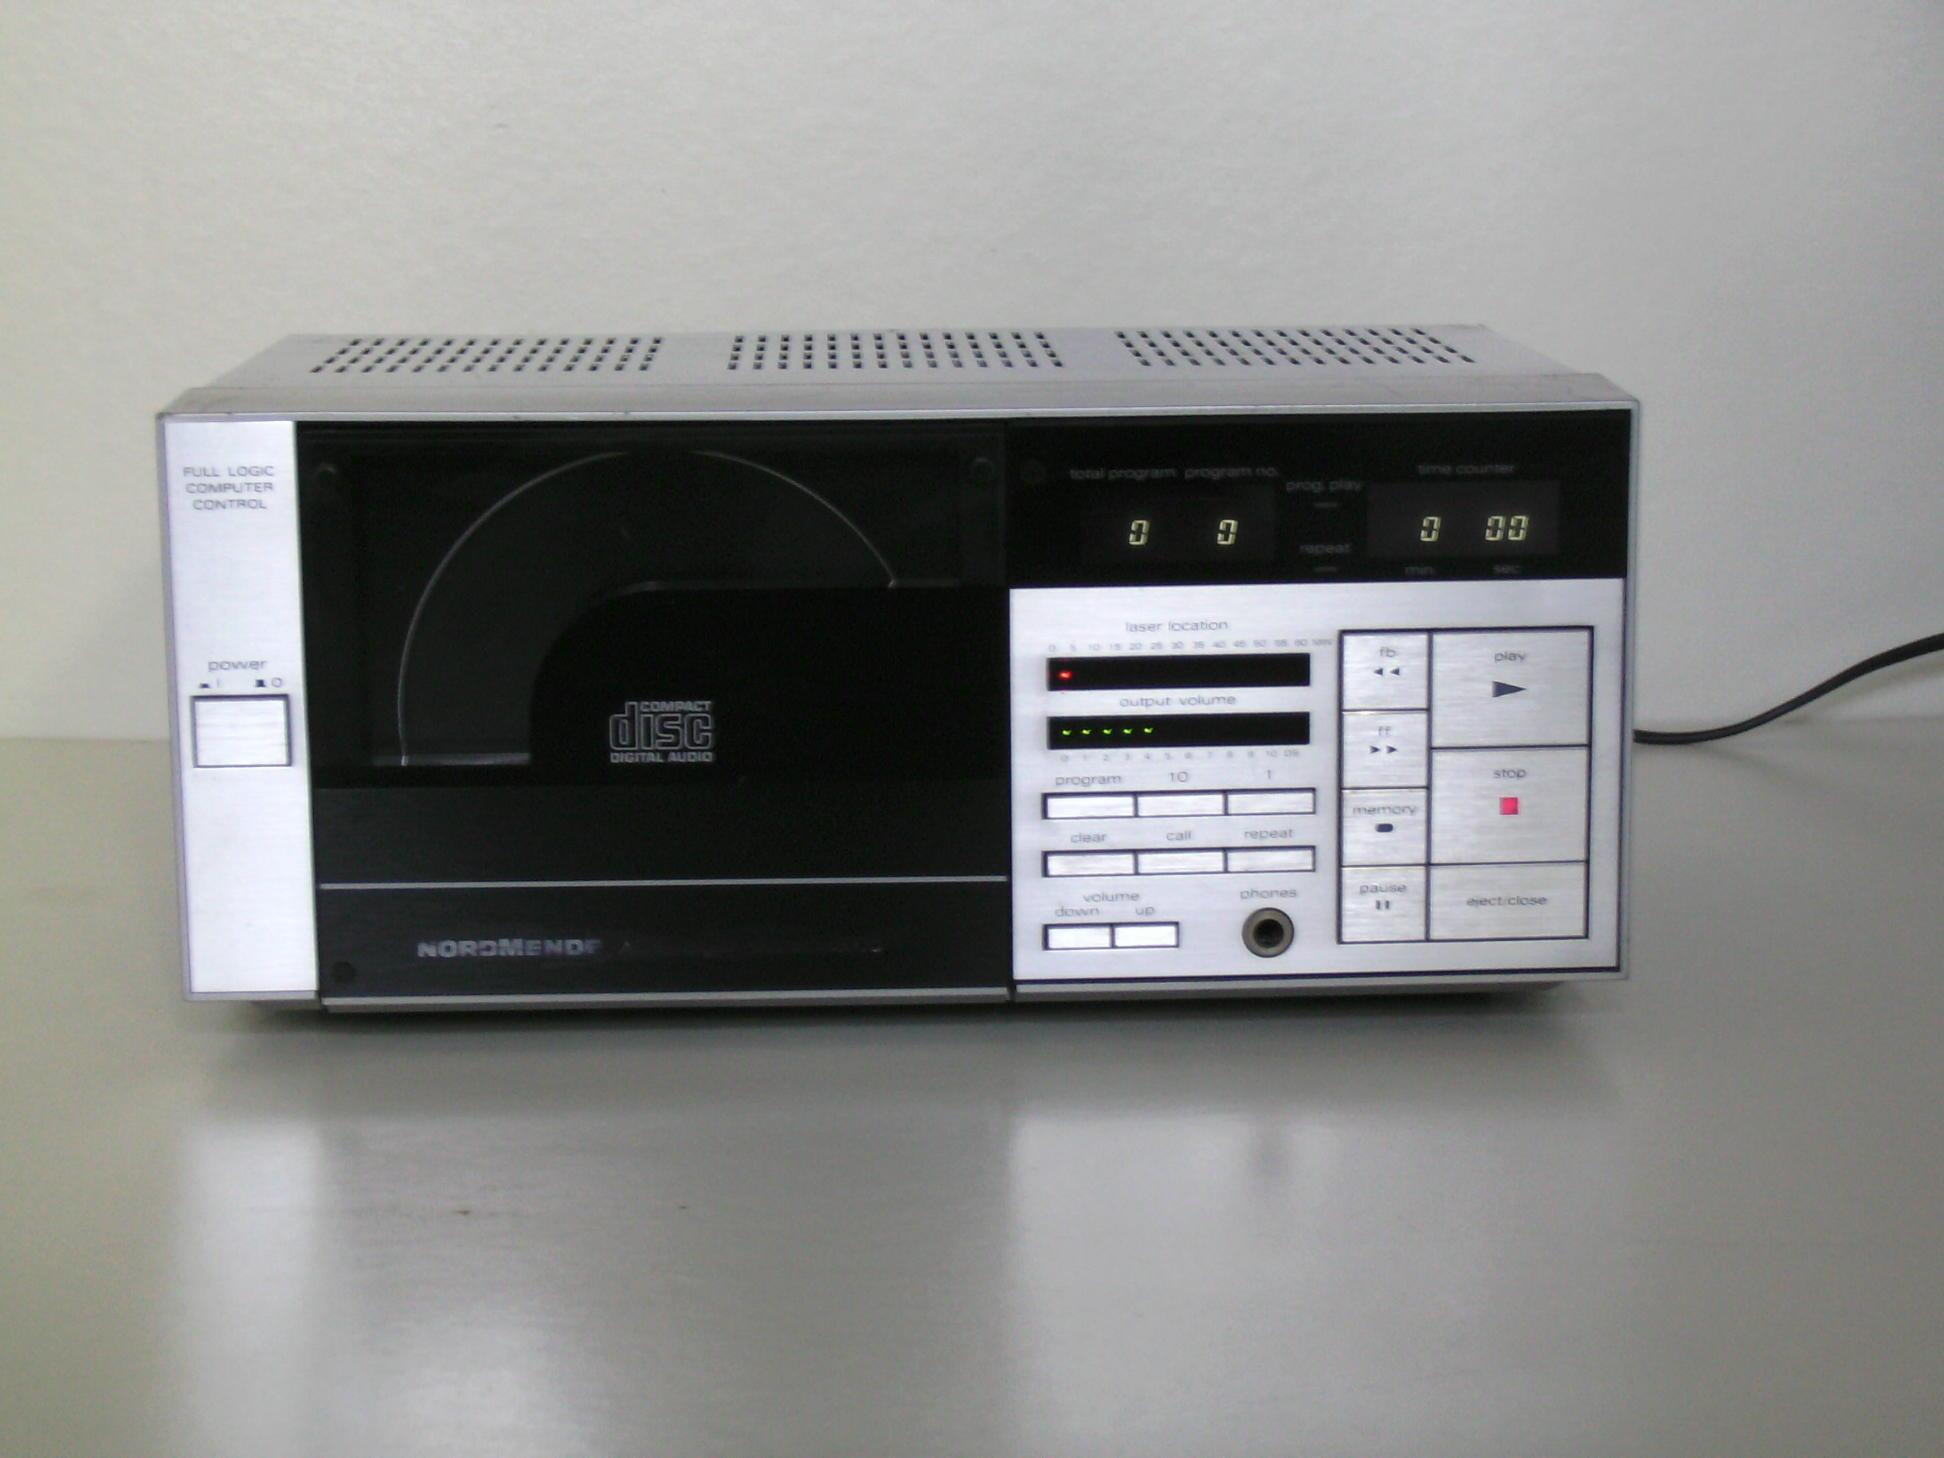 andere nordmende cd spieler system 2000 gebraucht hifi. Black Bedroom Furniture Sets. Home Design Ideas